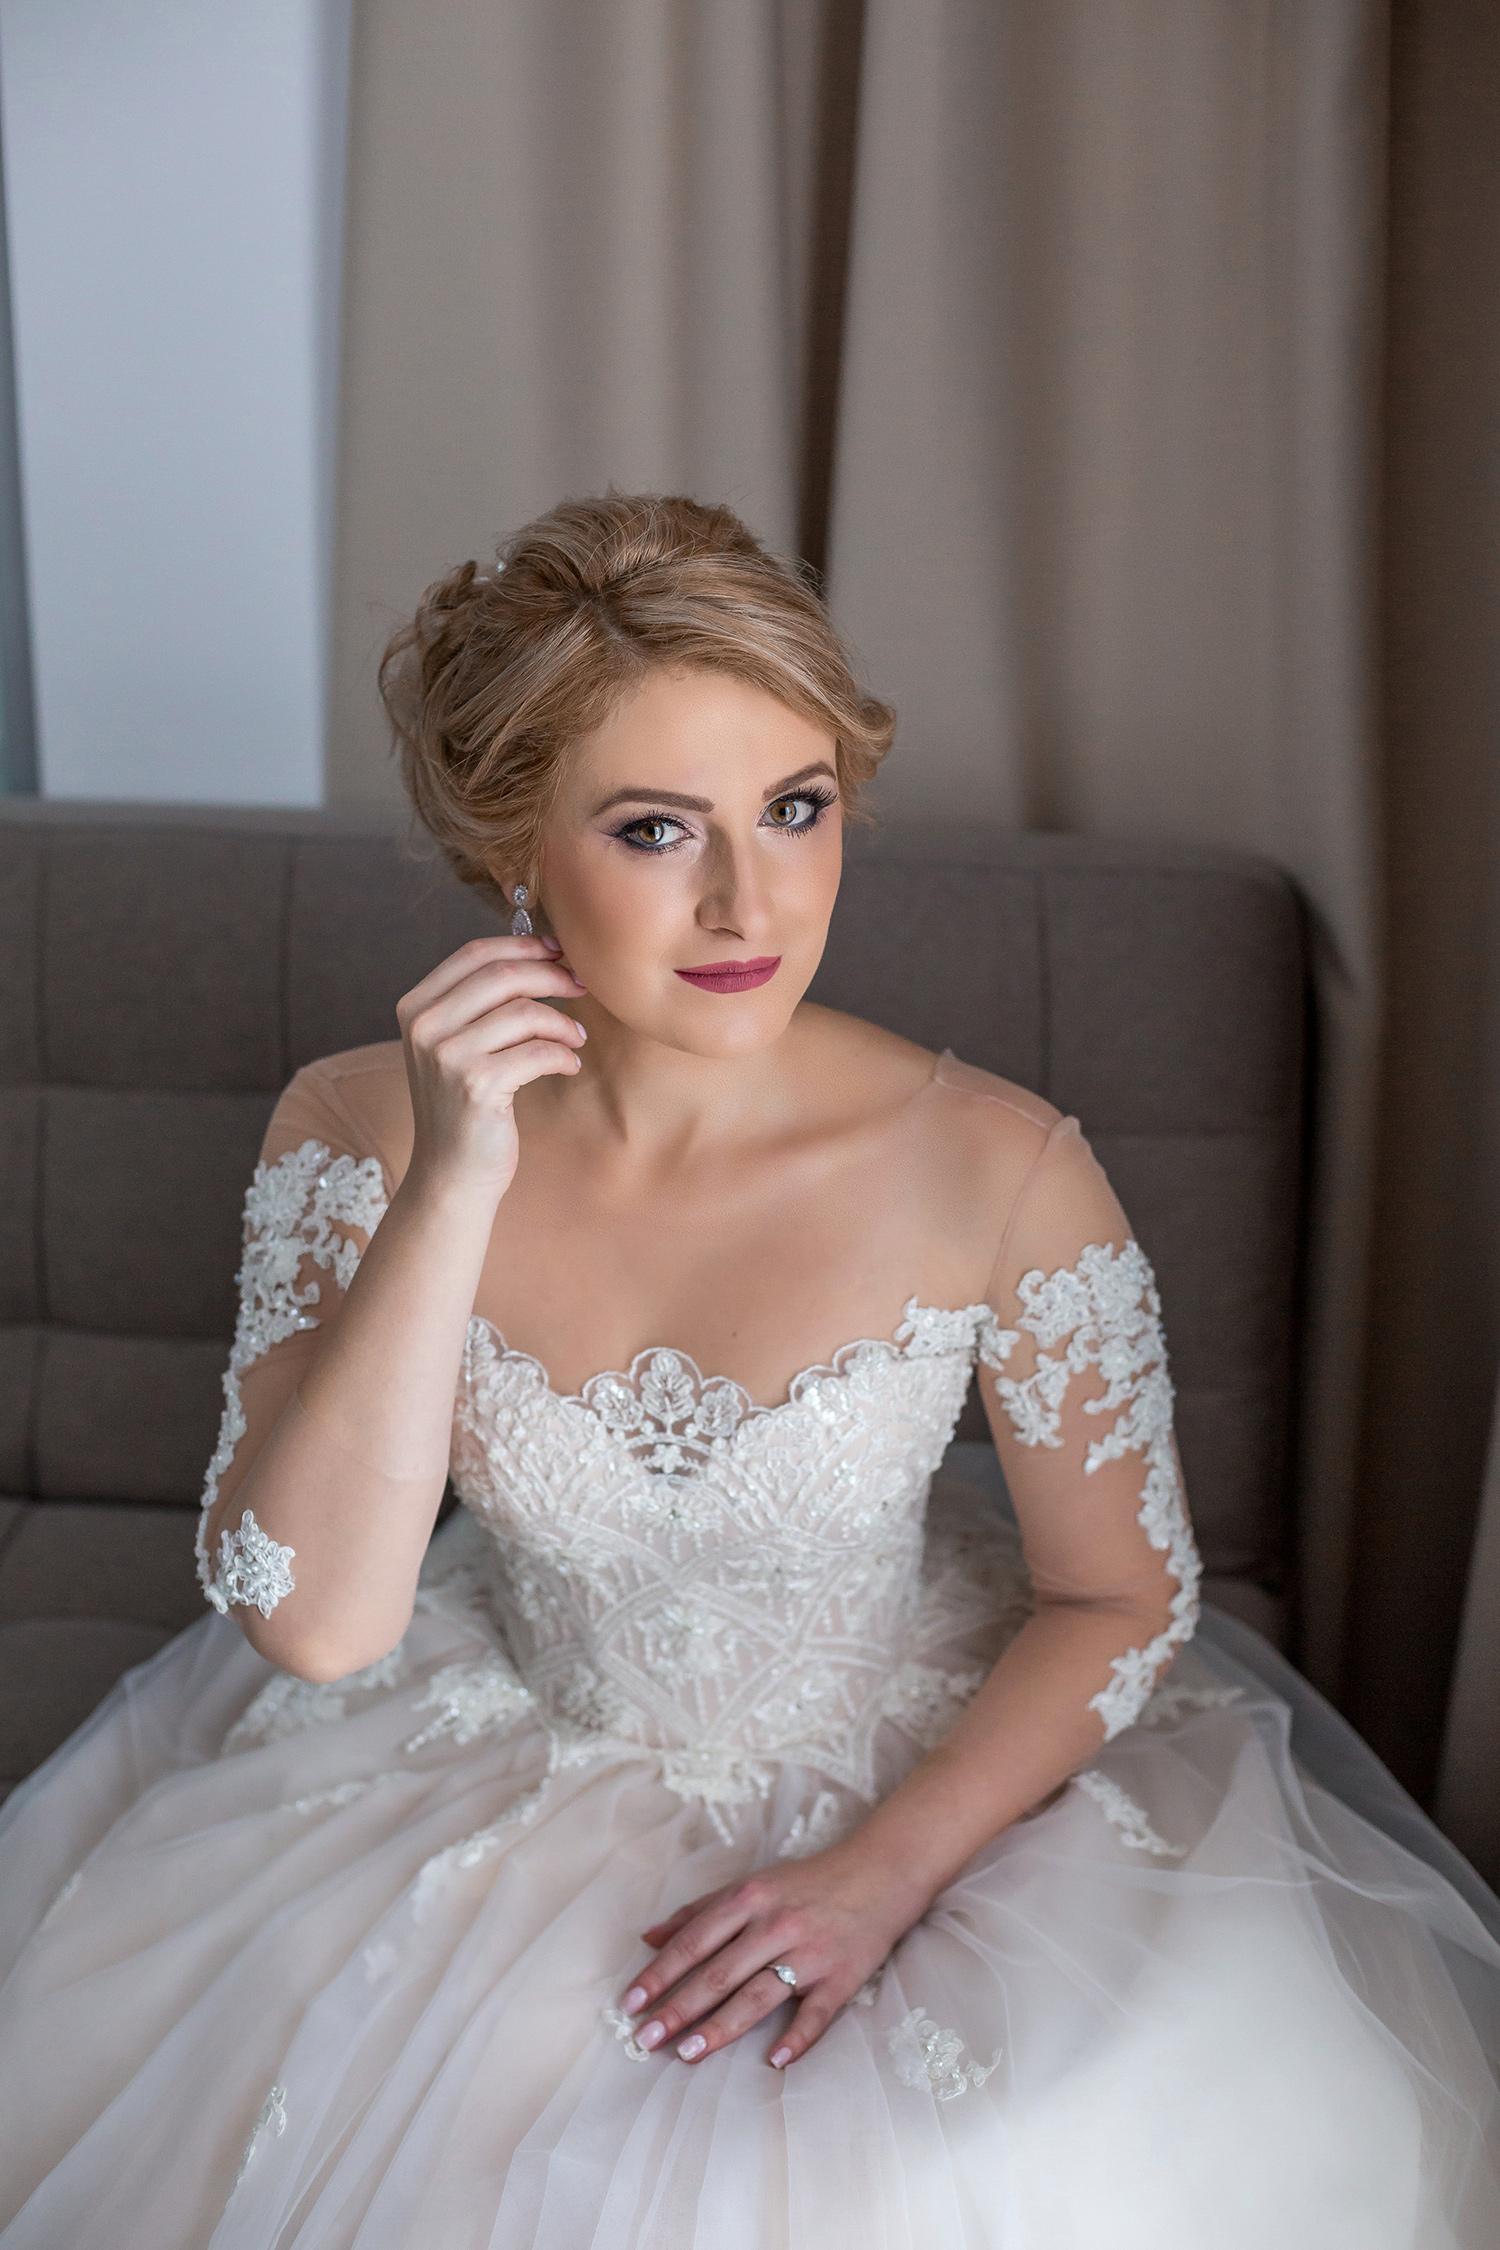 fotograf nunta bucuresti radu adelina 038.jpg?scale.width=687&scale